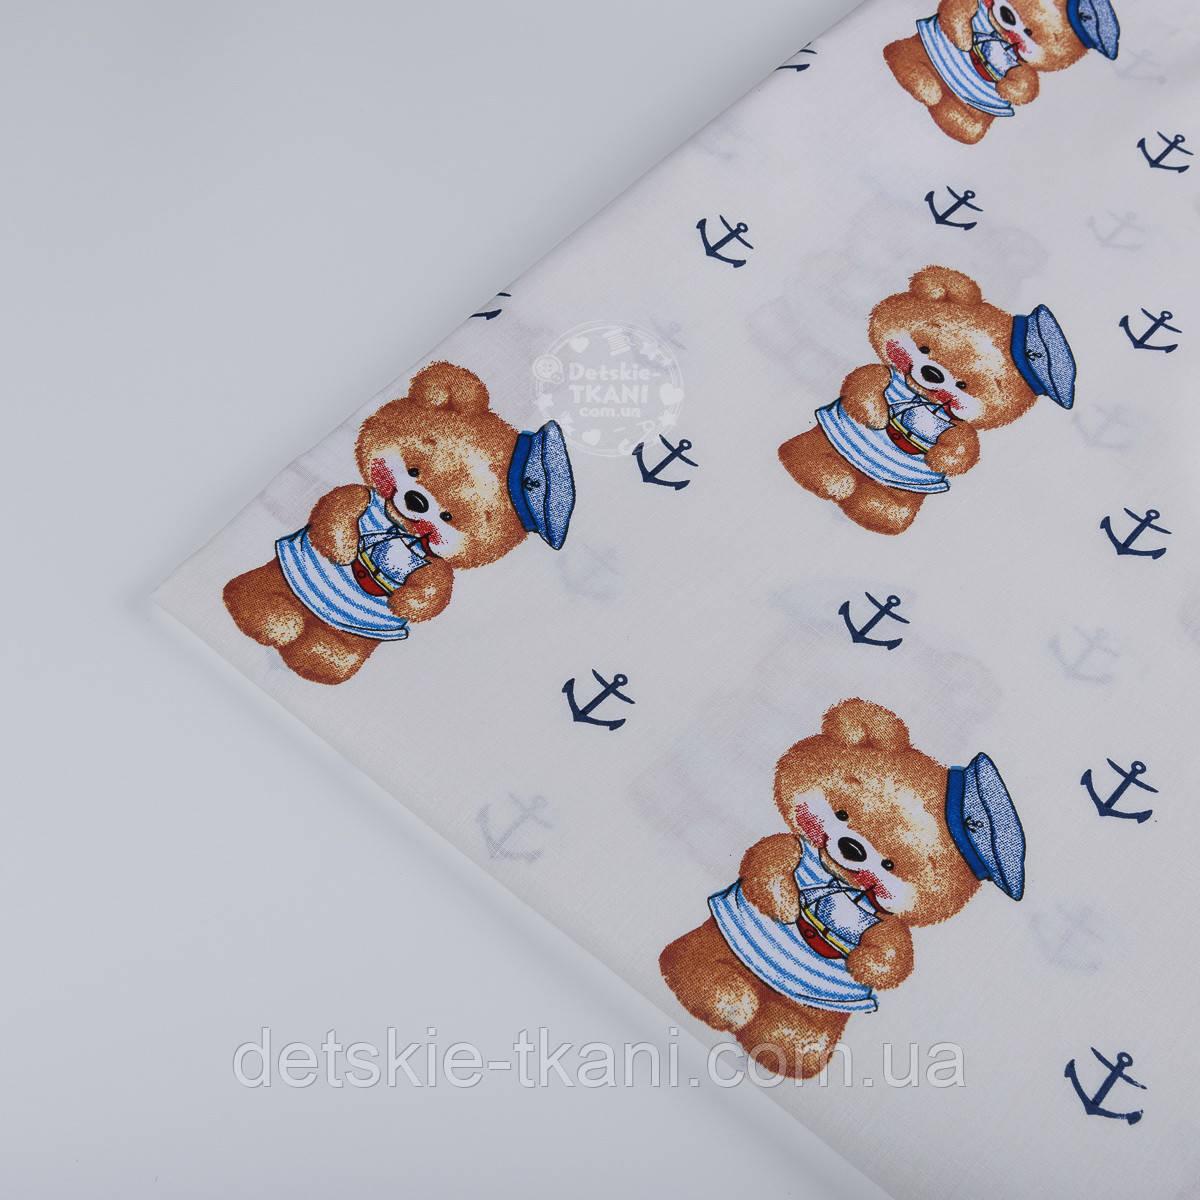 Лоскут ткани №1201а размером 45*78 см